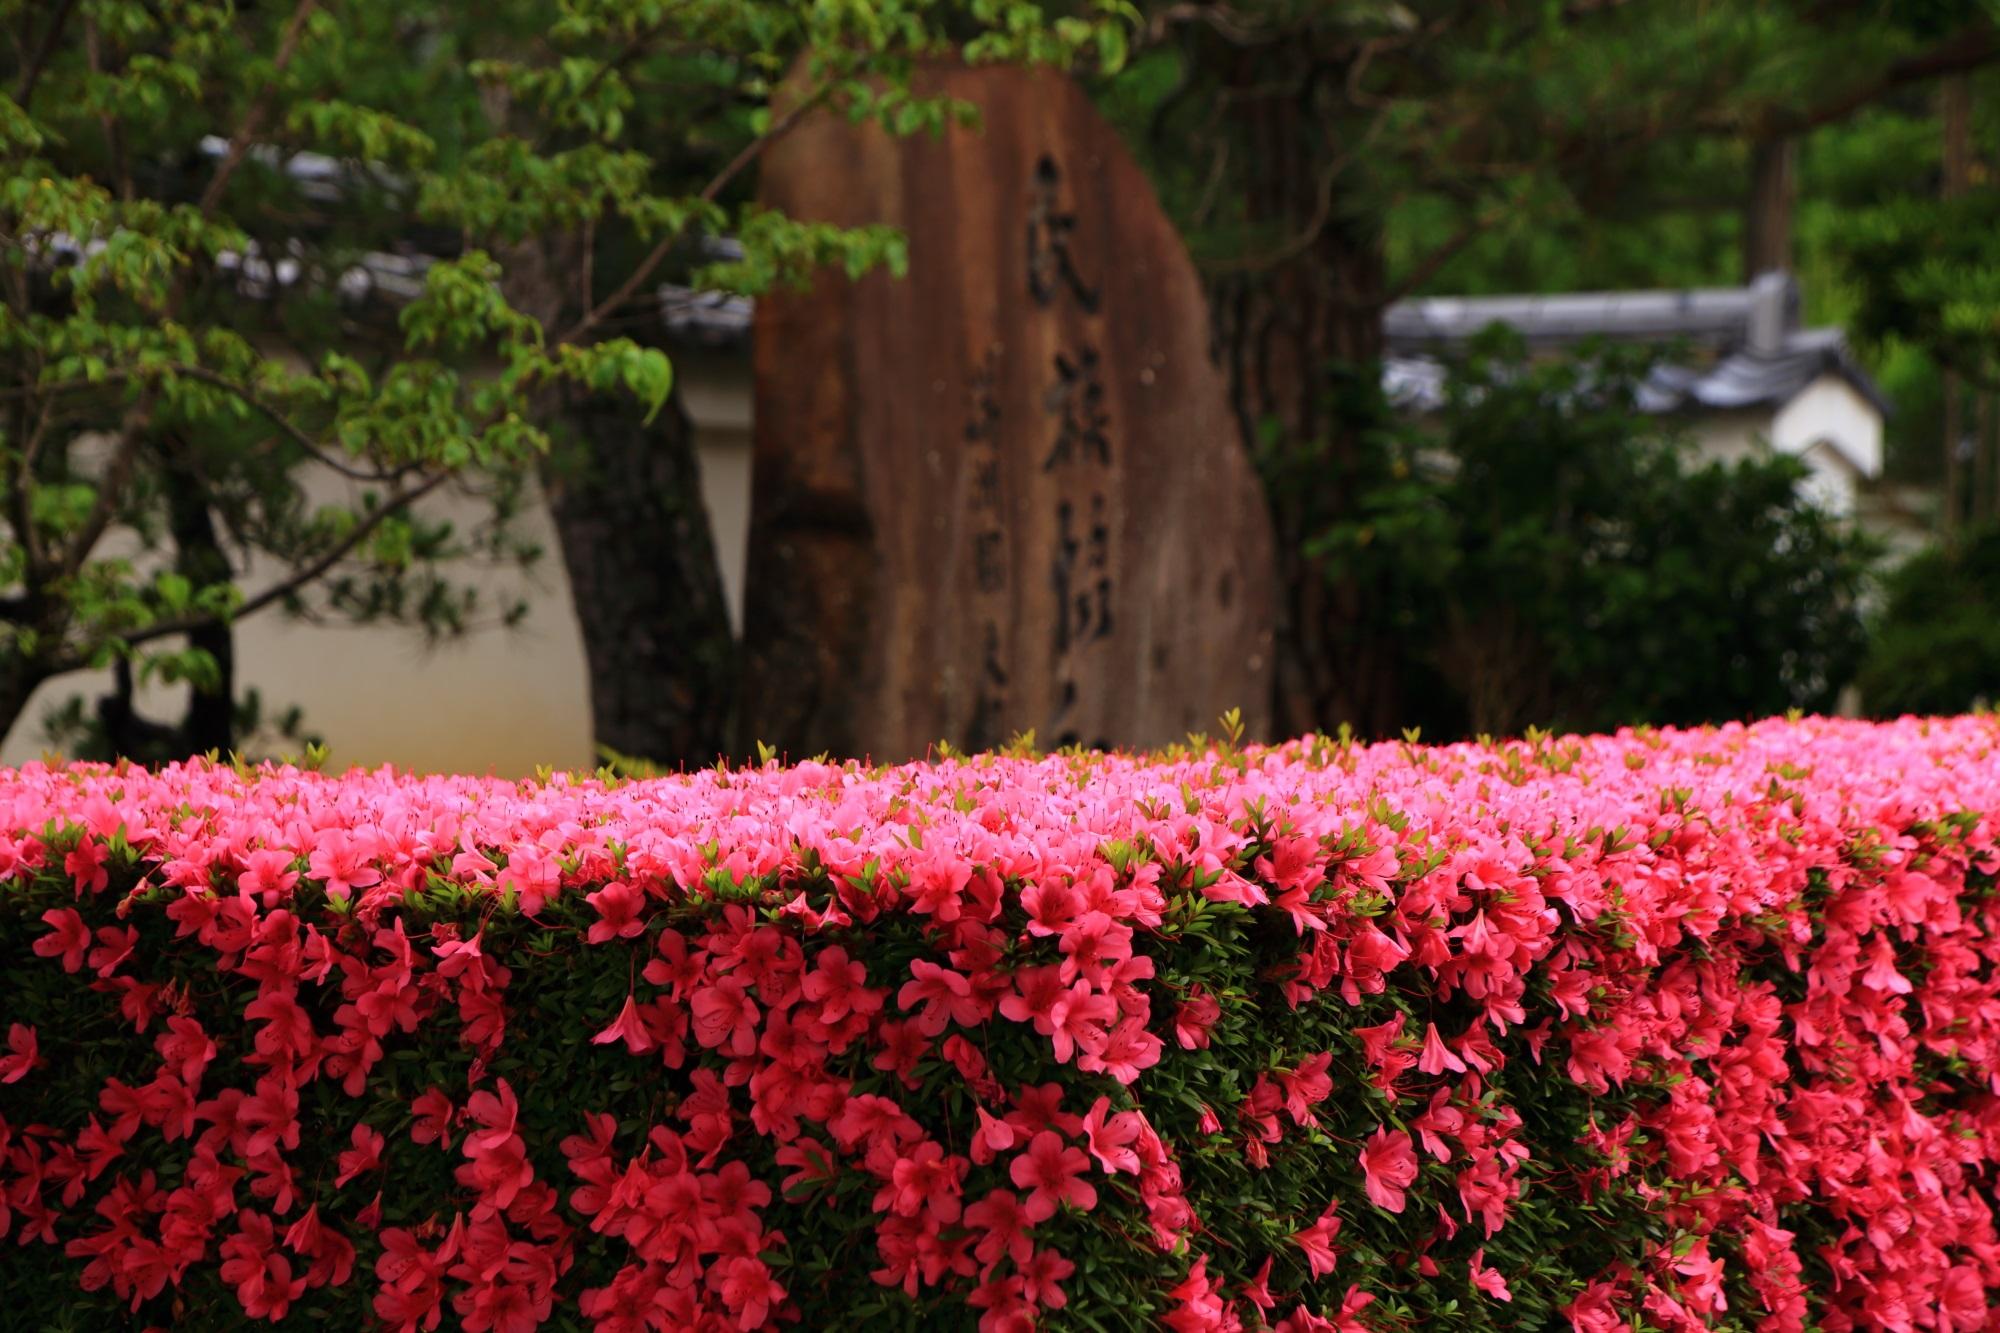 元気いっぱいに咲き誇るピンクのサツキの花